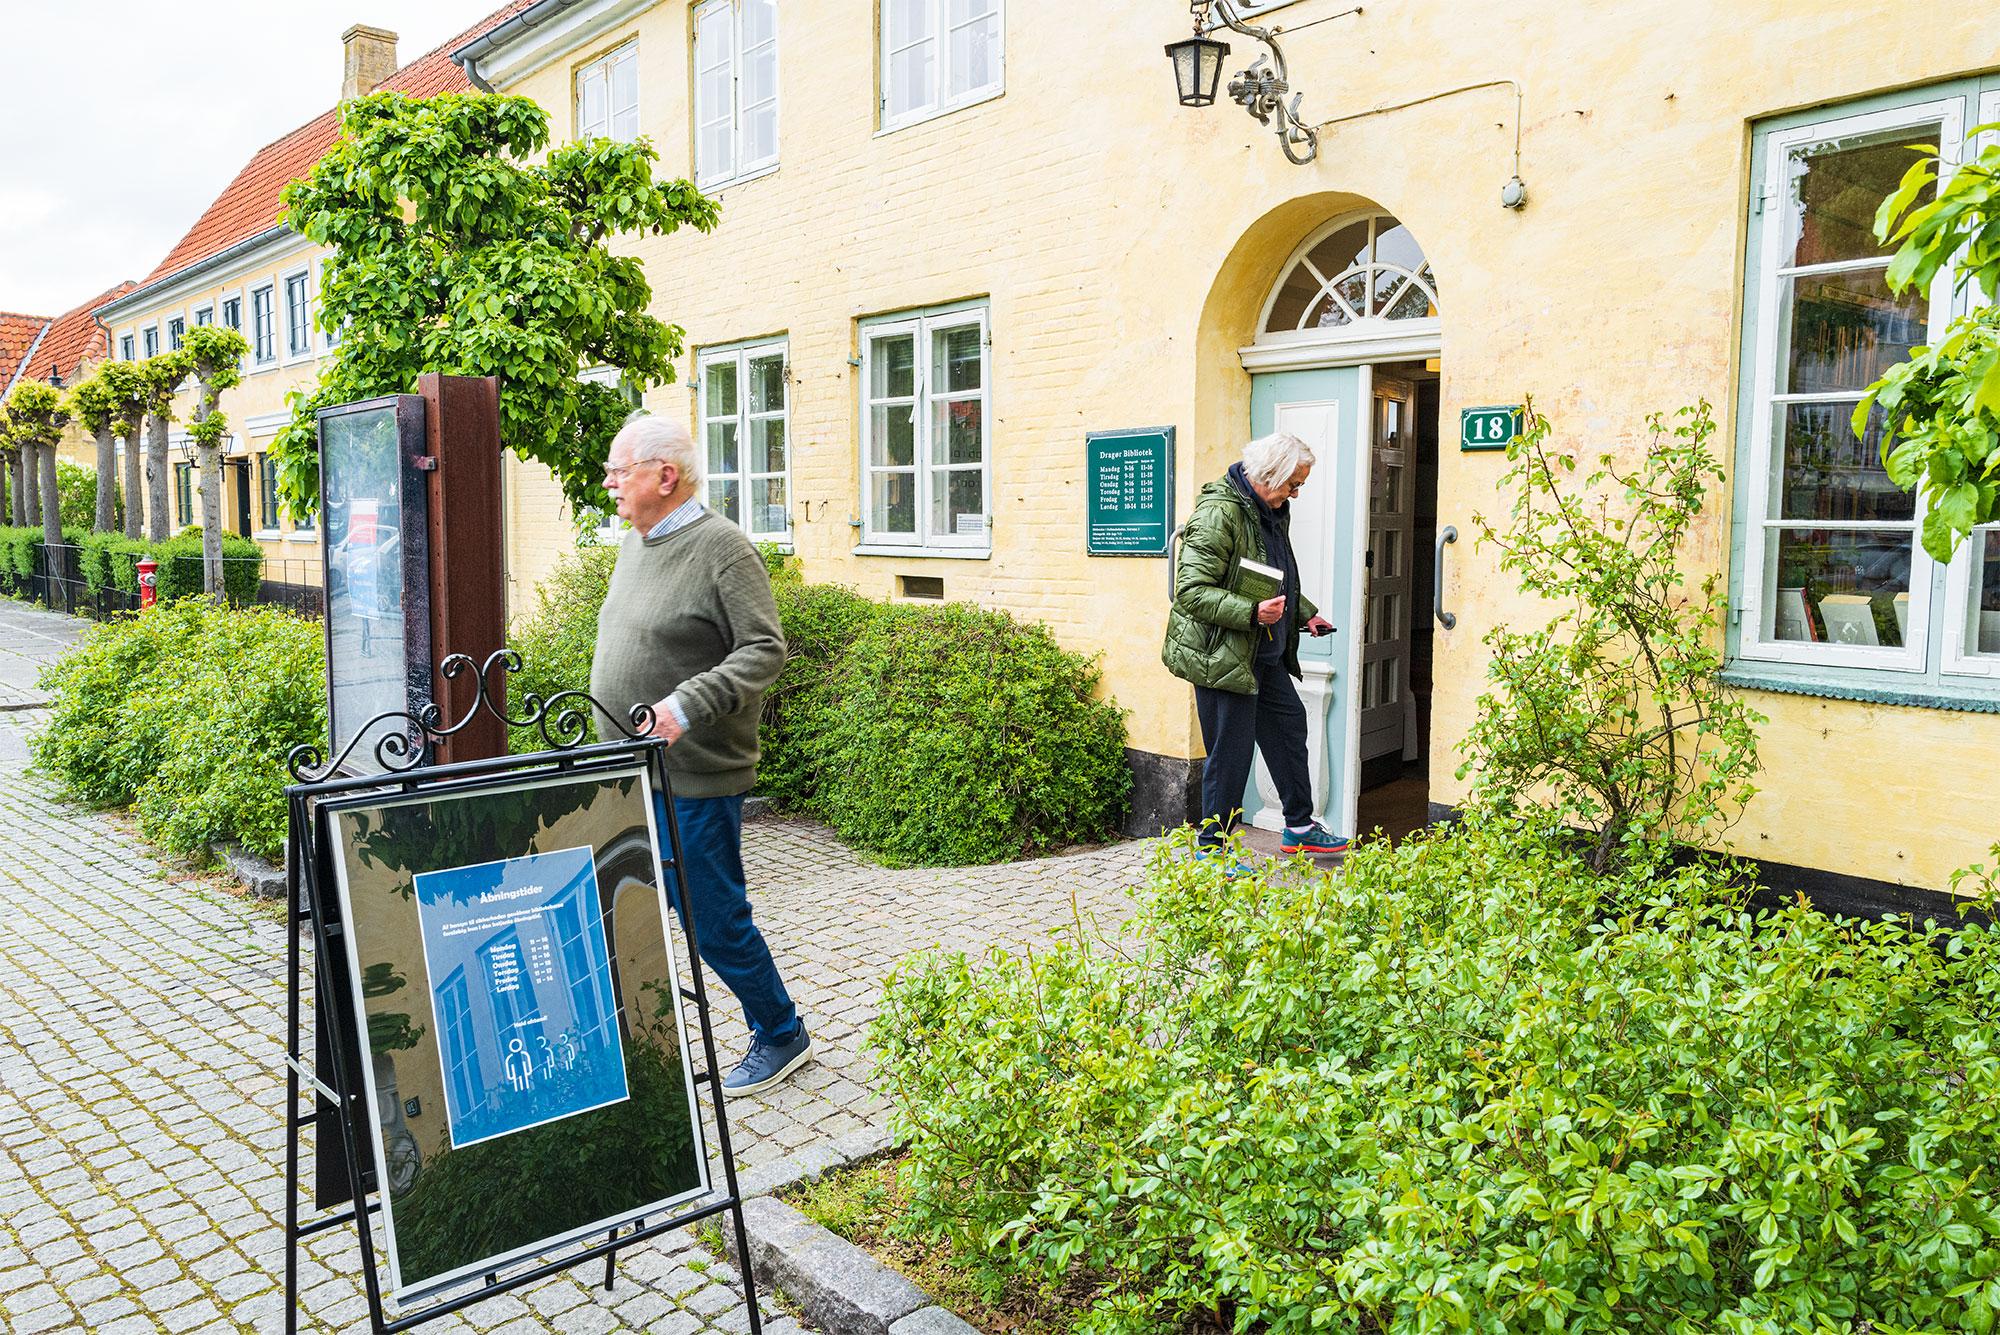 Også bibliotekerne har slået dørene op. Foto: TorbenStender.